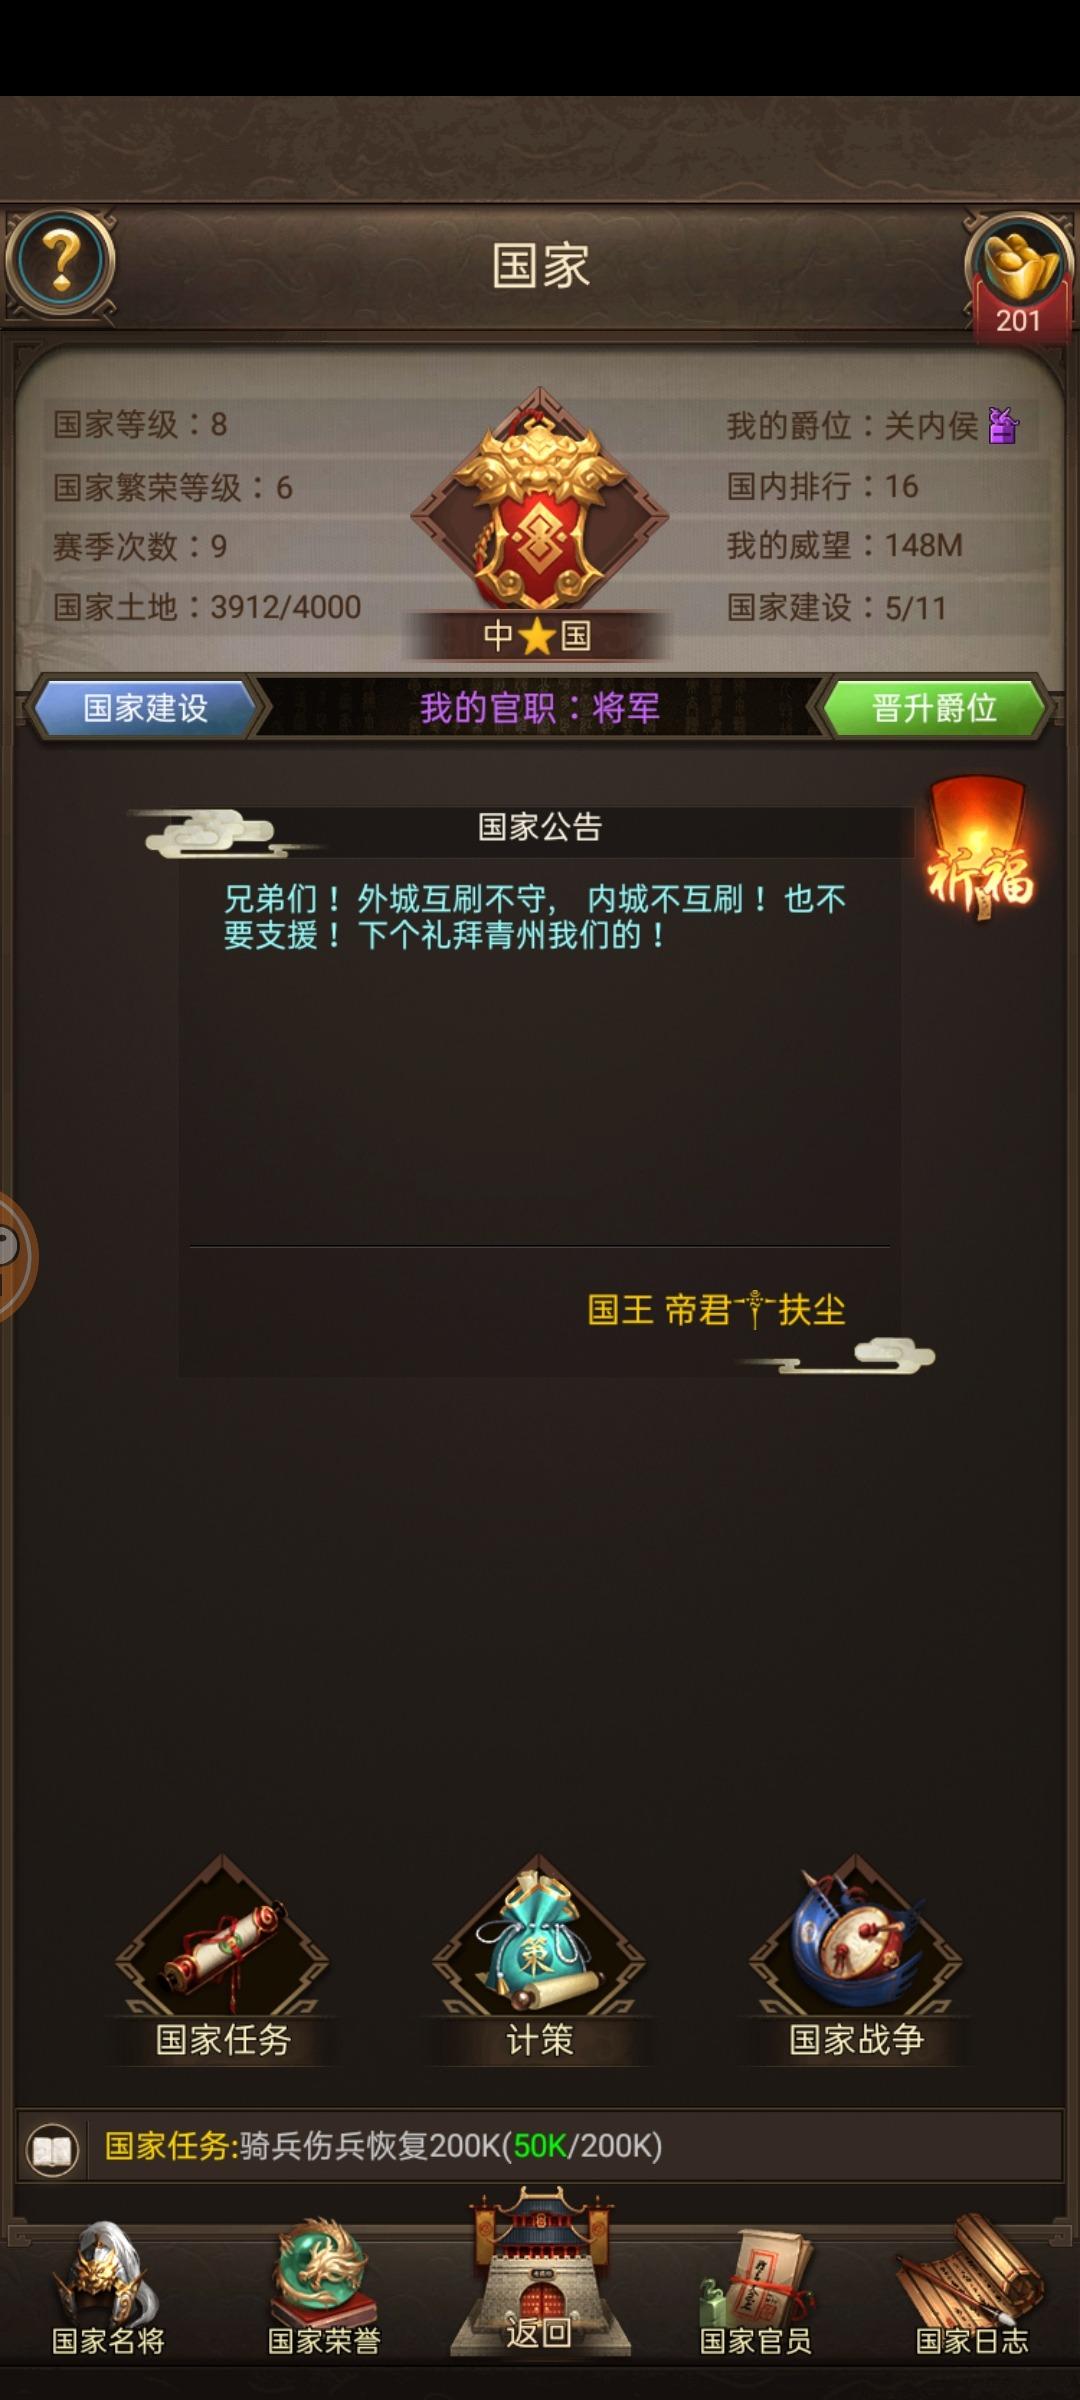 Screenshot_2020-02-23-15-13-04-19_2ca782289a69d98352866d89dbc343a1.jpg